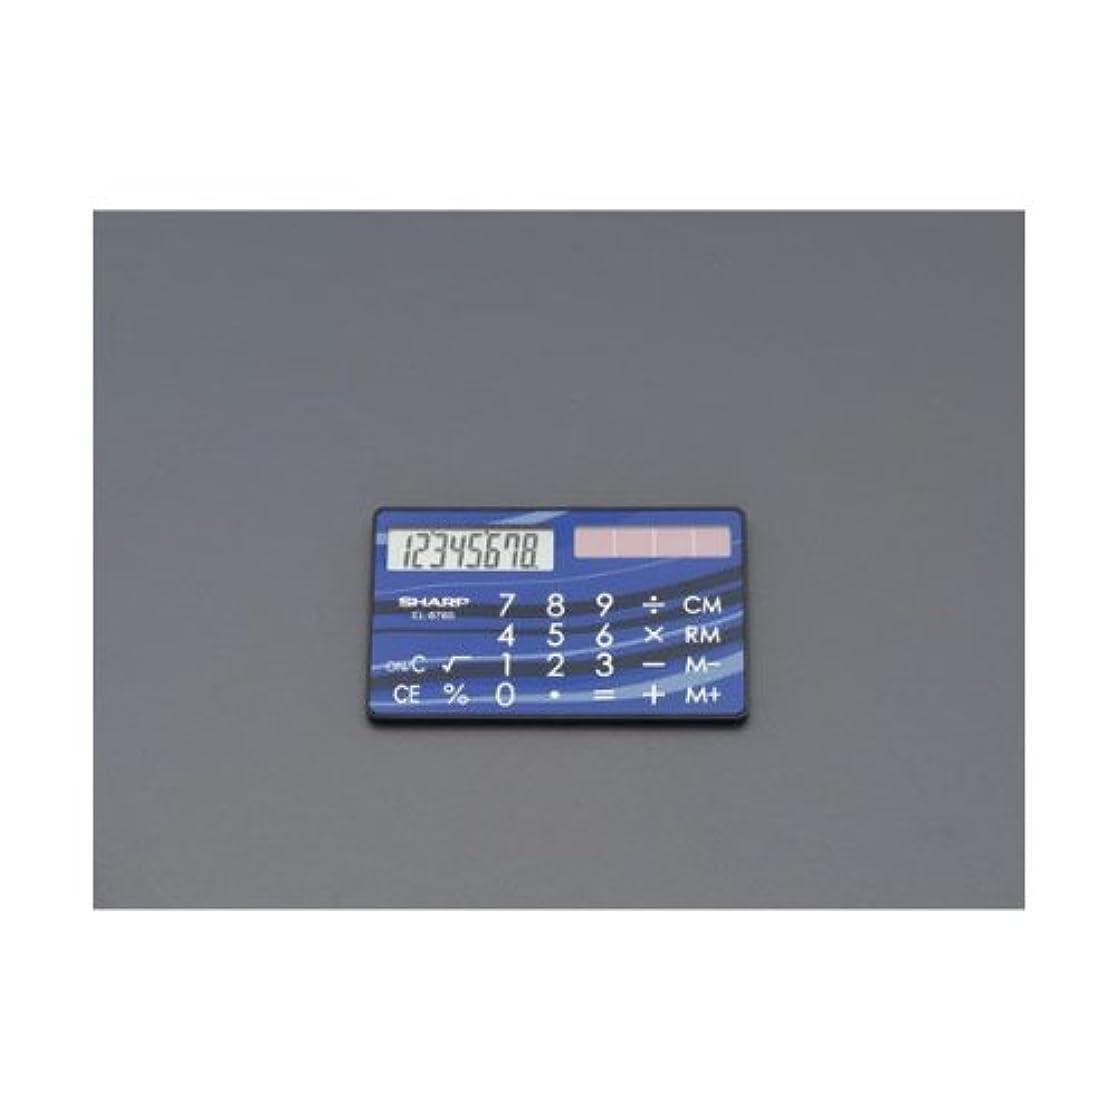 提供する煙そんなに8桁カード型計算機(85.5x54mm)85.5(W)×54(D)×3(T)mmEA761G-6A